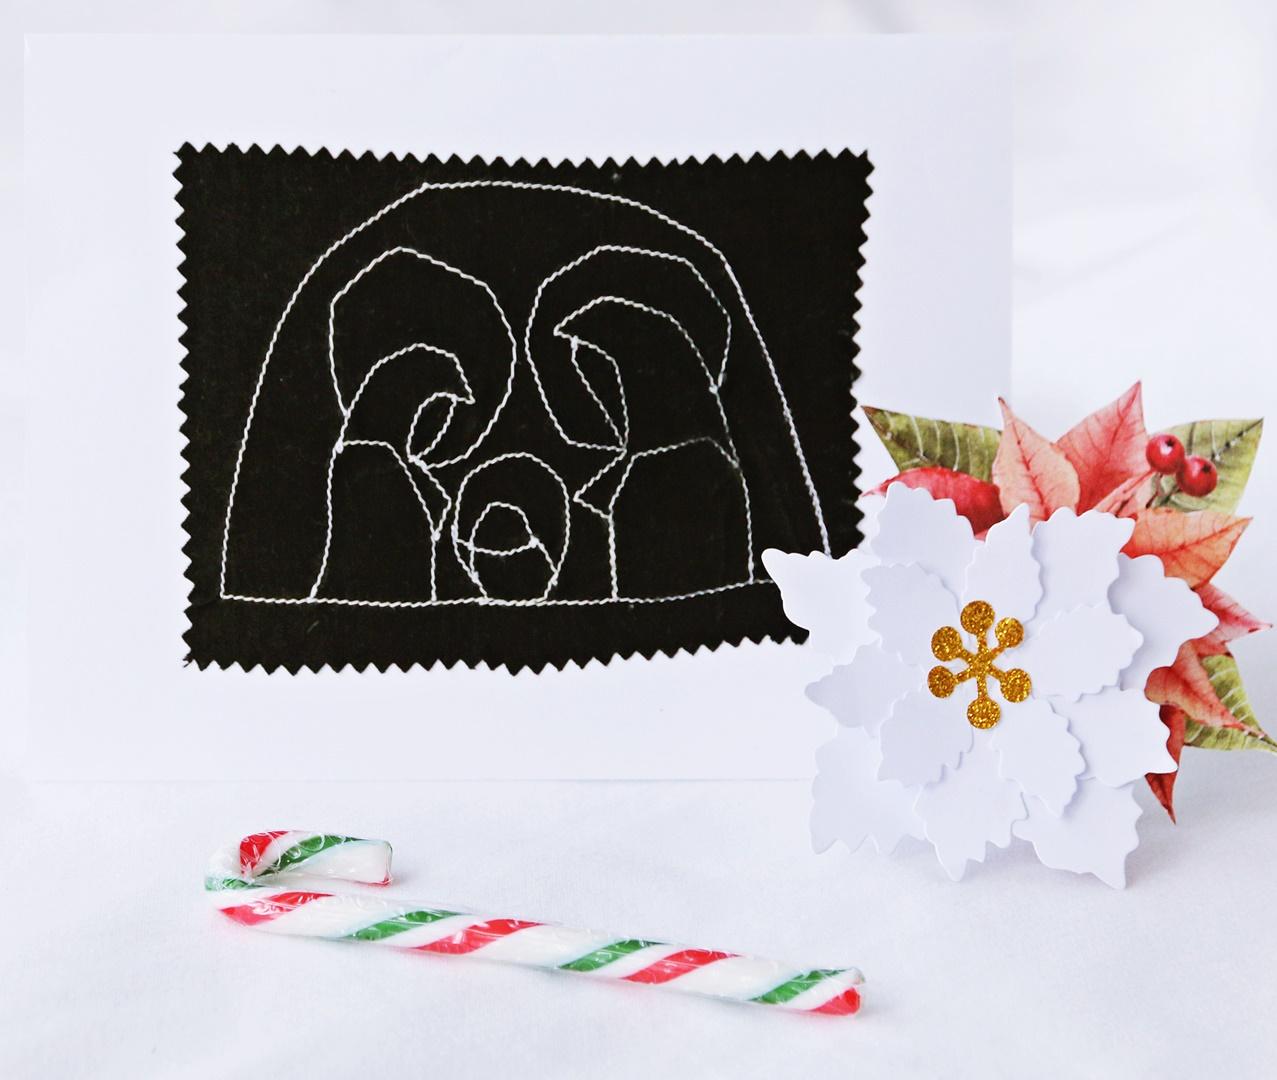 Kartka świąteczna przedstawiająca świętą rodzinę i szopkę